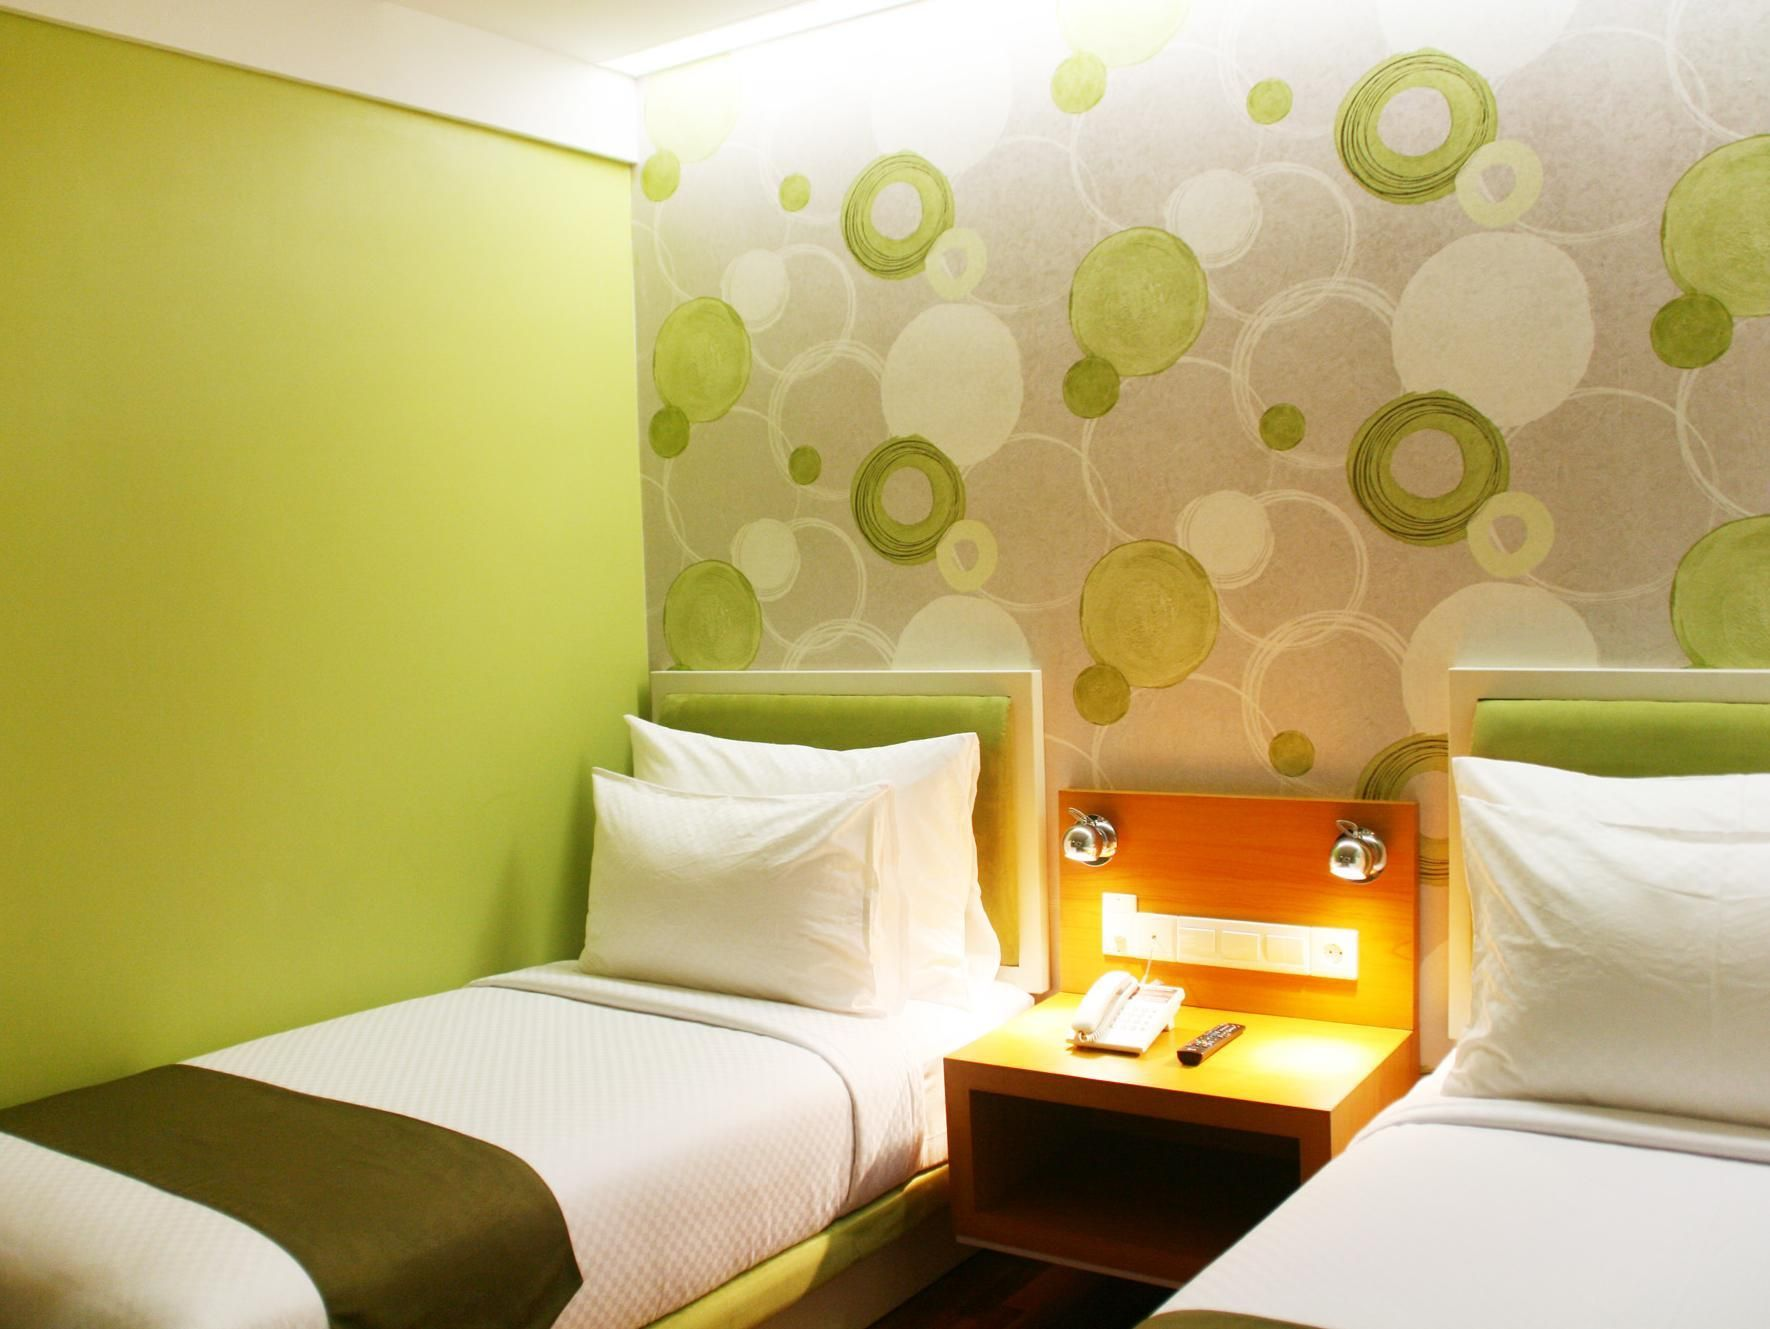 Citihub Hotel @Sudirman Surabaya Surabaya, Indonesia